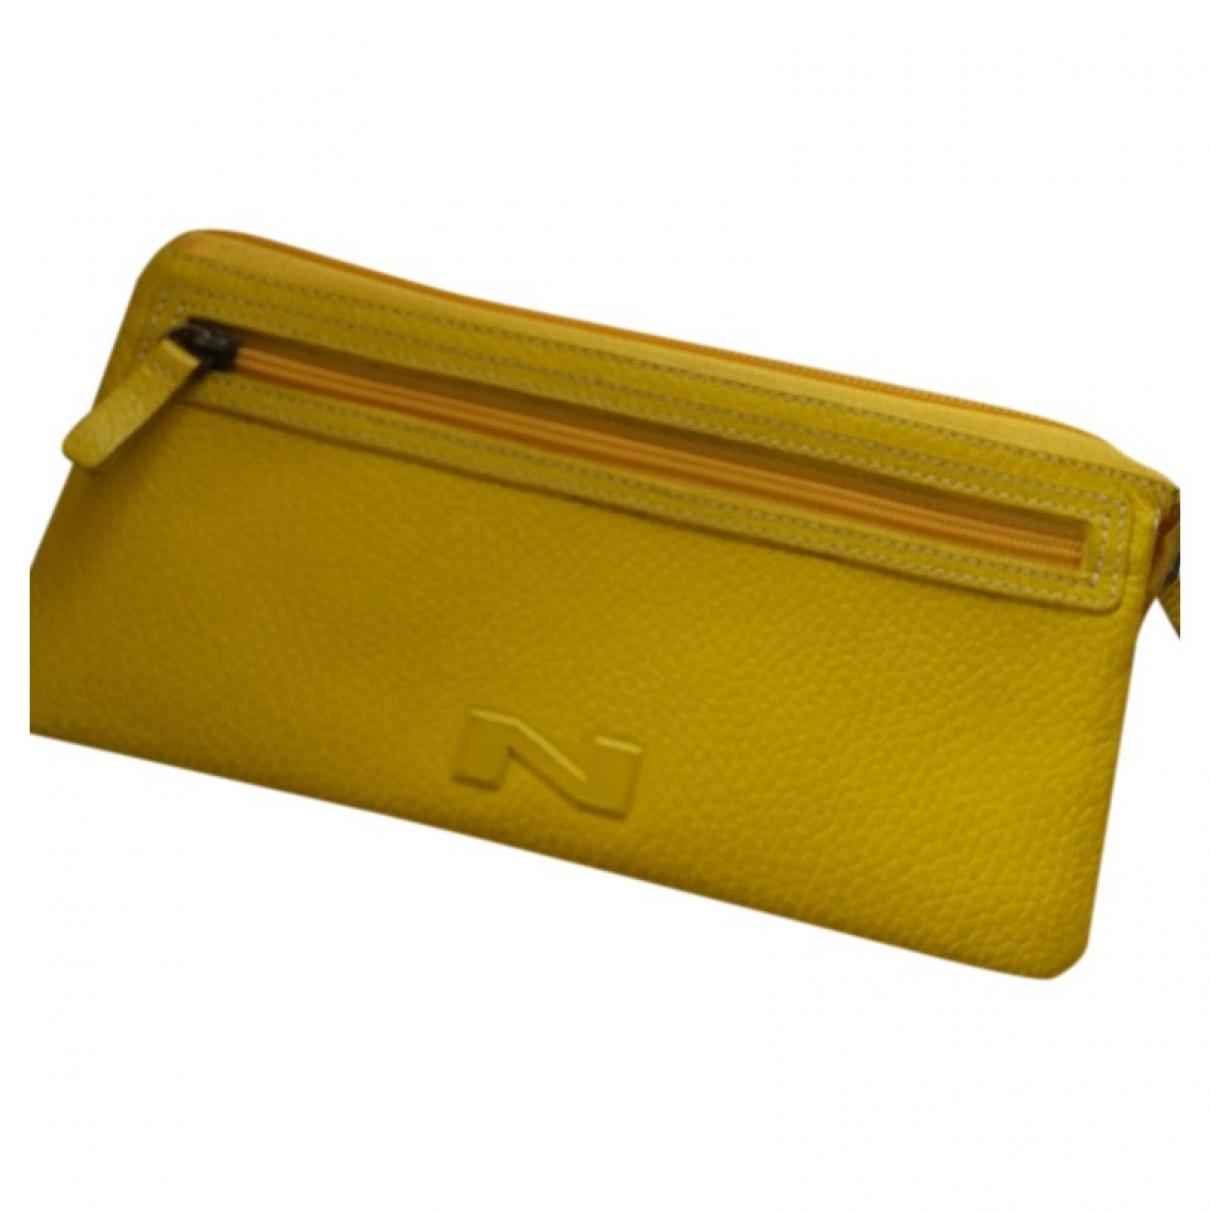 Natan \N Portemonnaie in  Gelb Leder